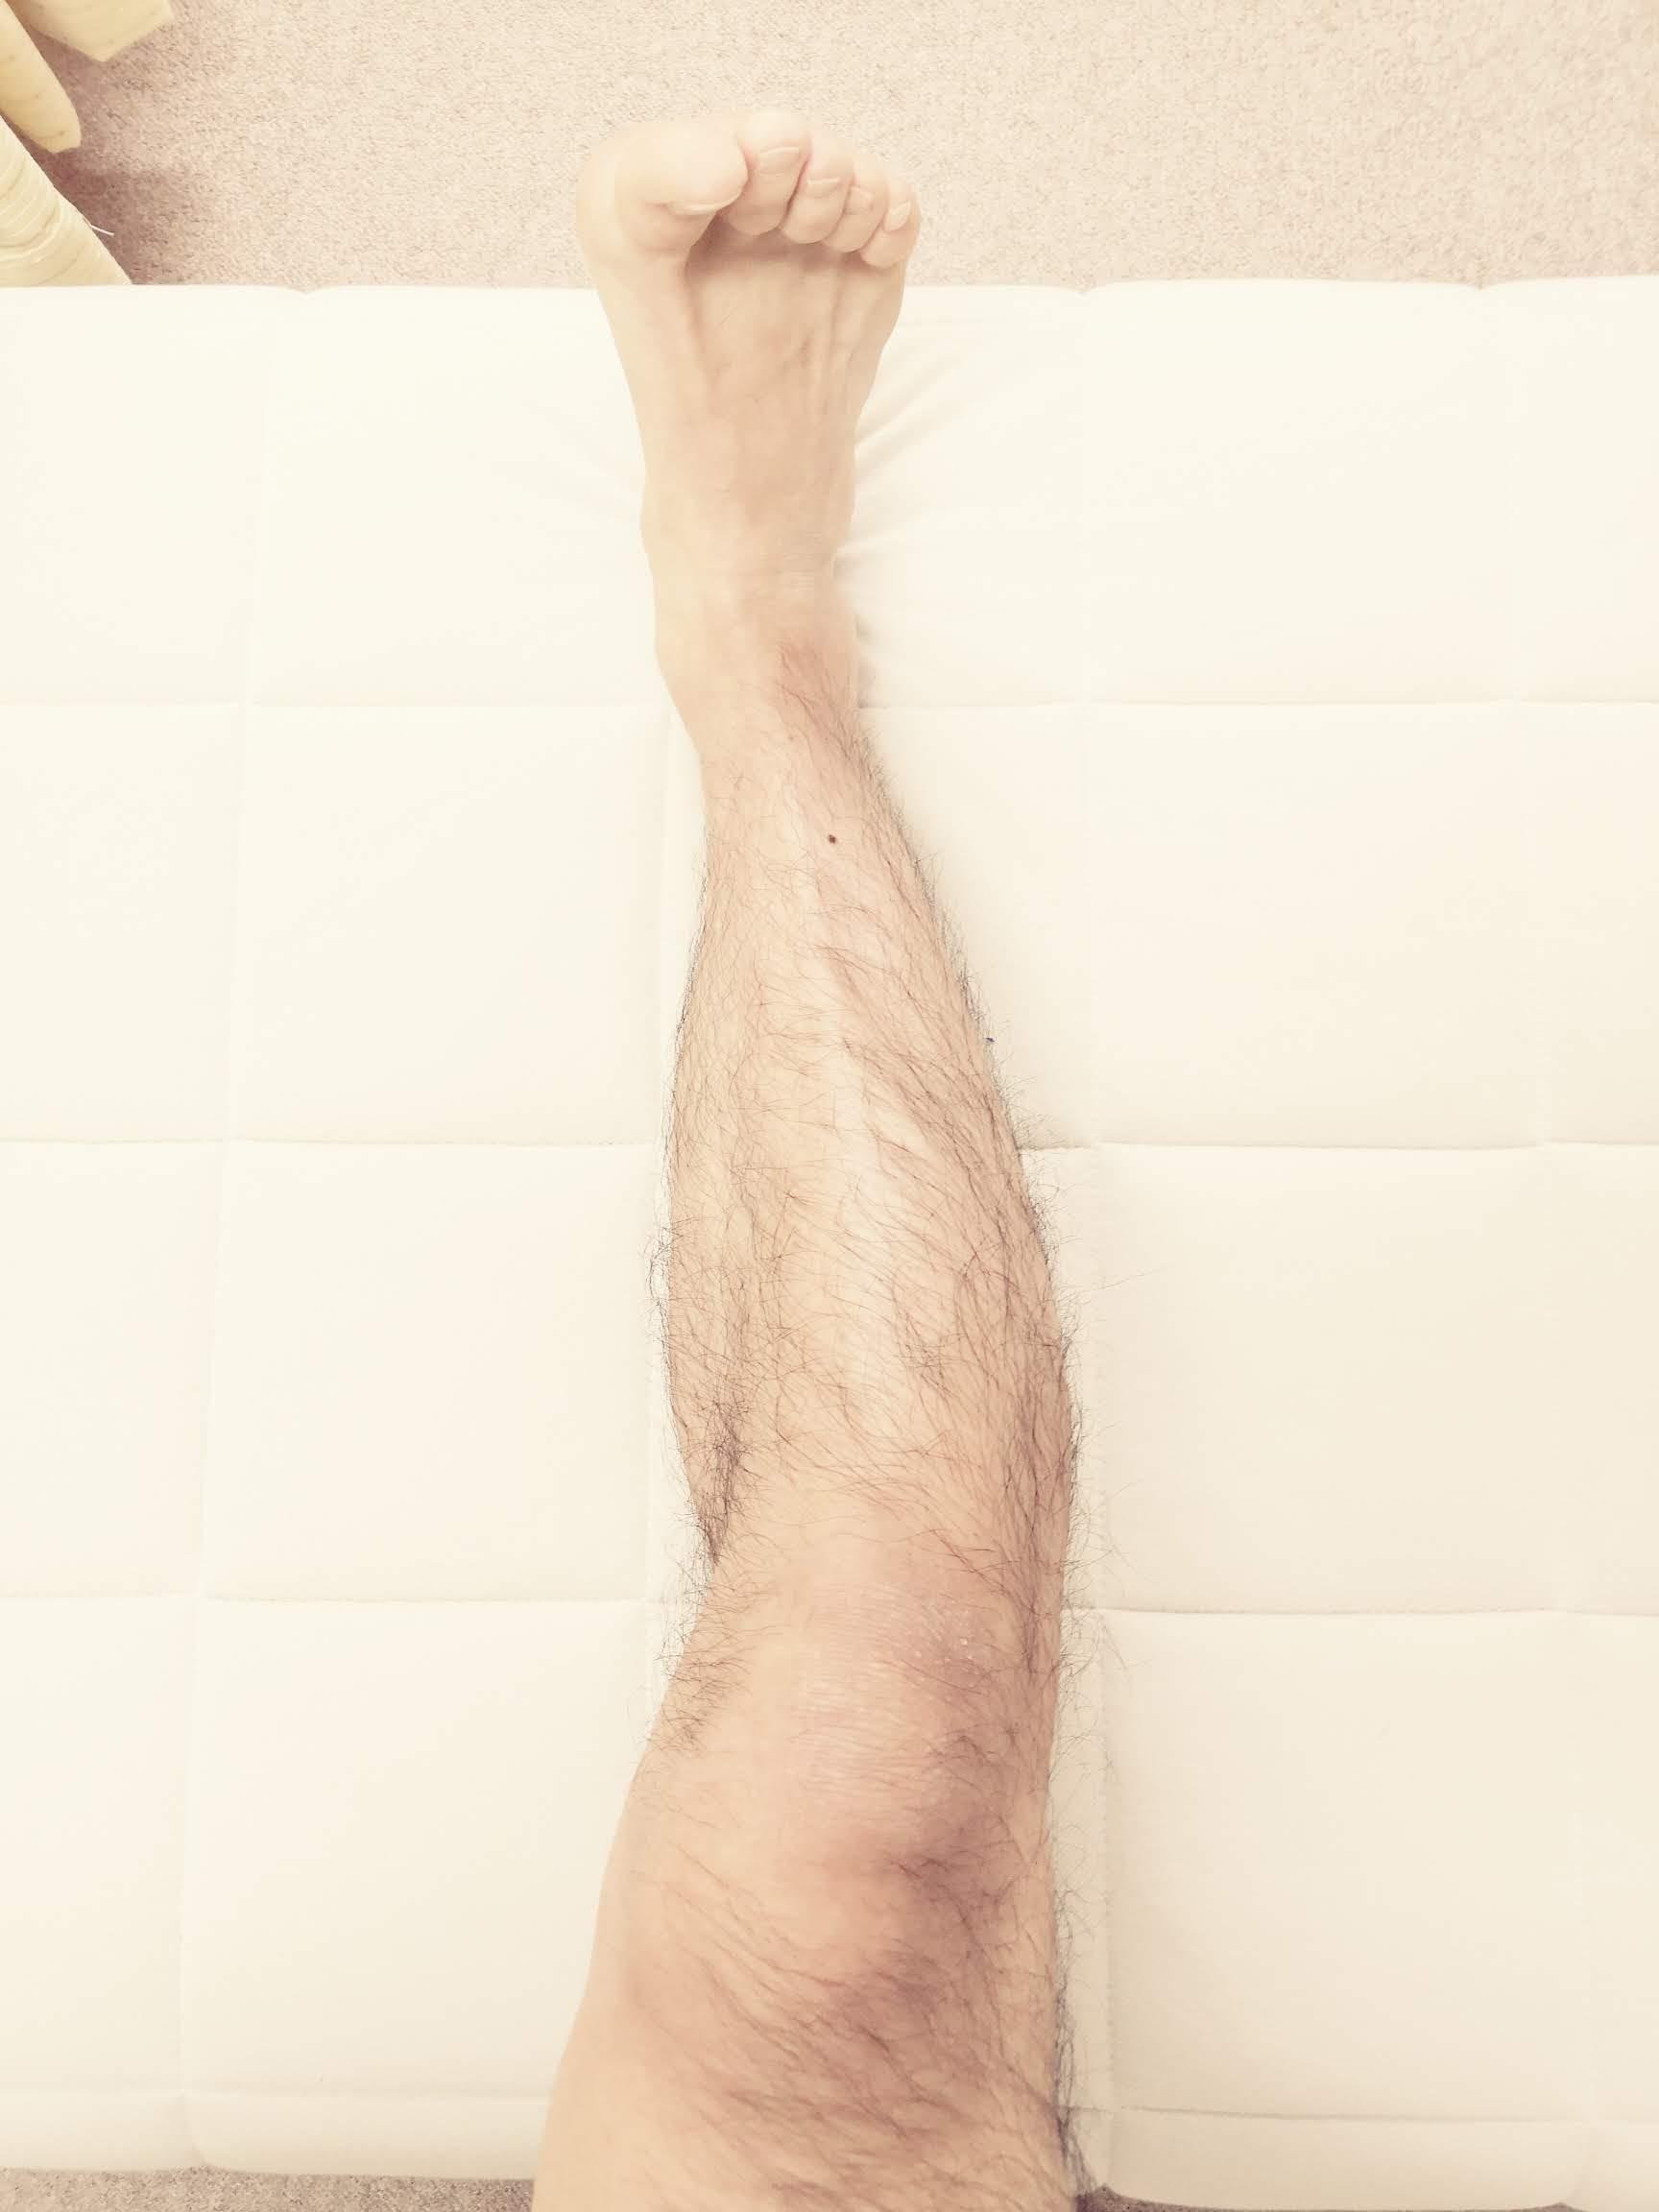 膝の軸を確認